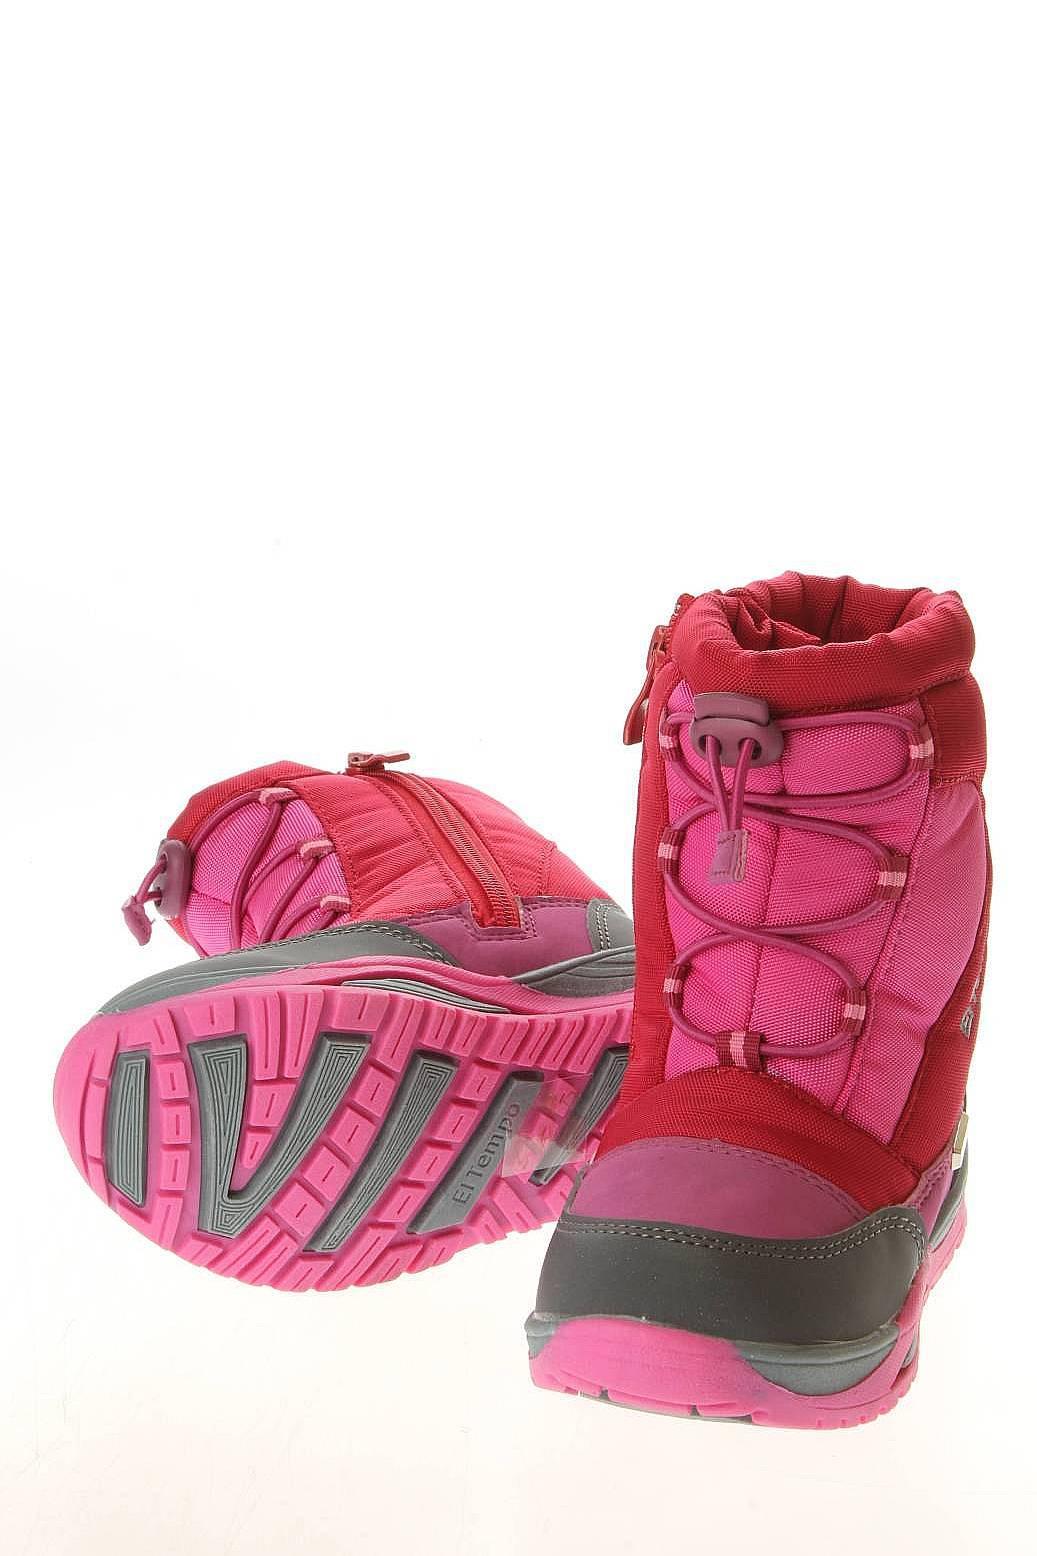 Мужская Обувь Детская Обувь Дутики: El Tempo Обувь